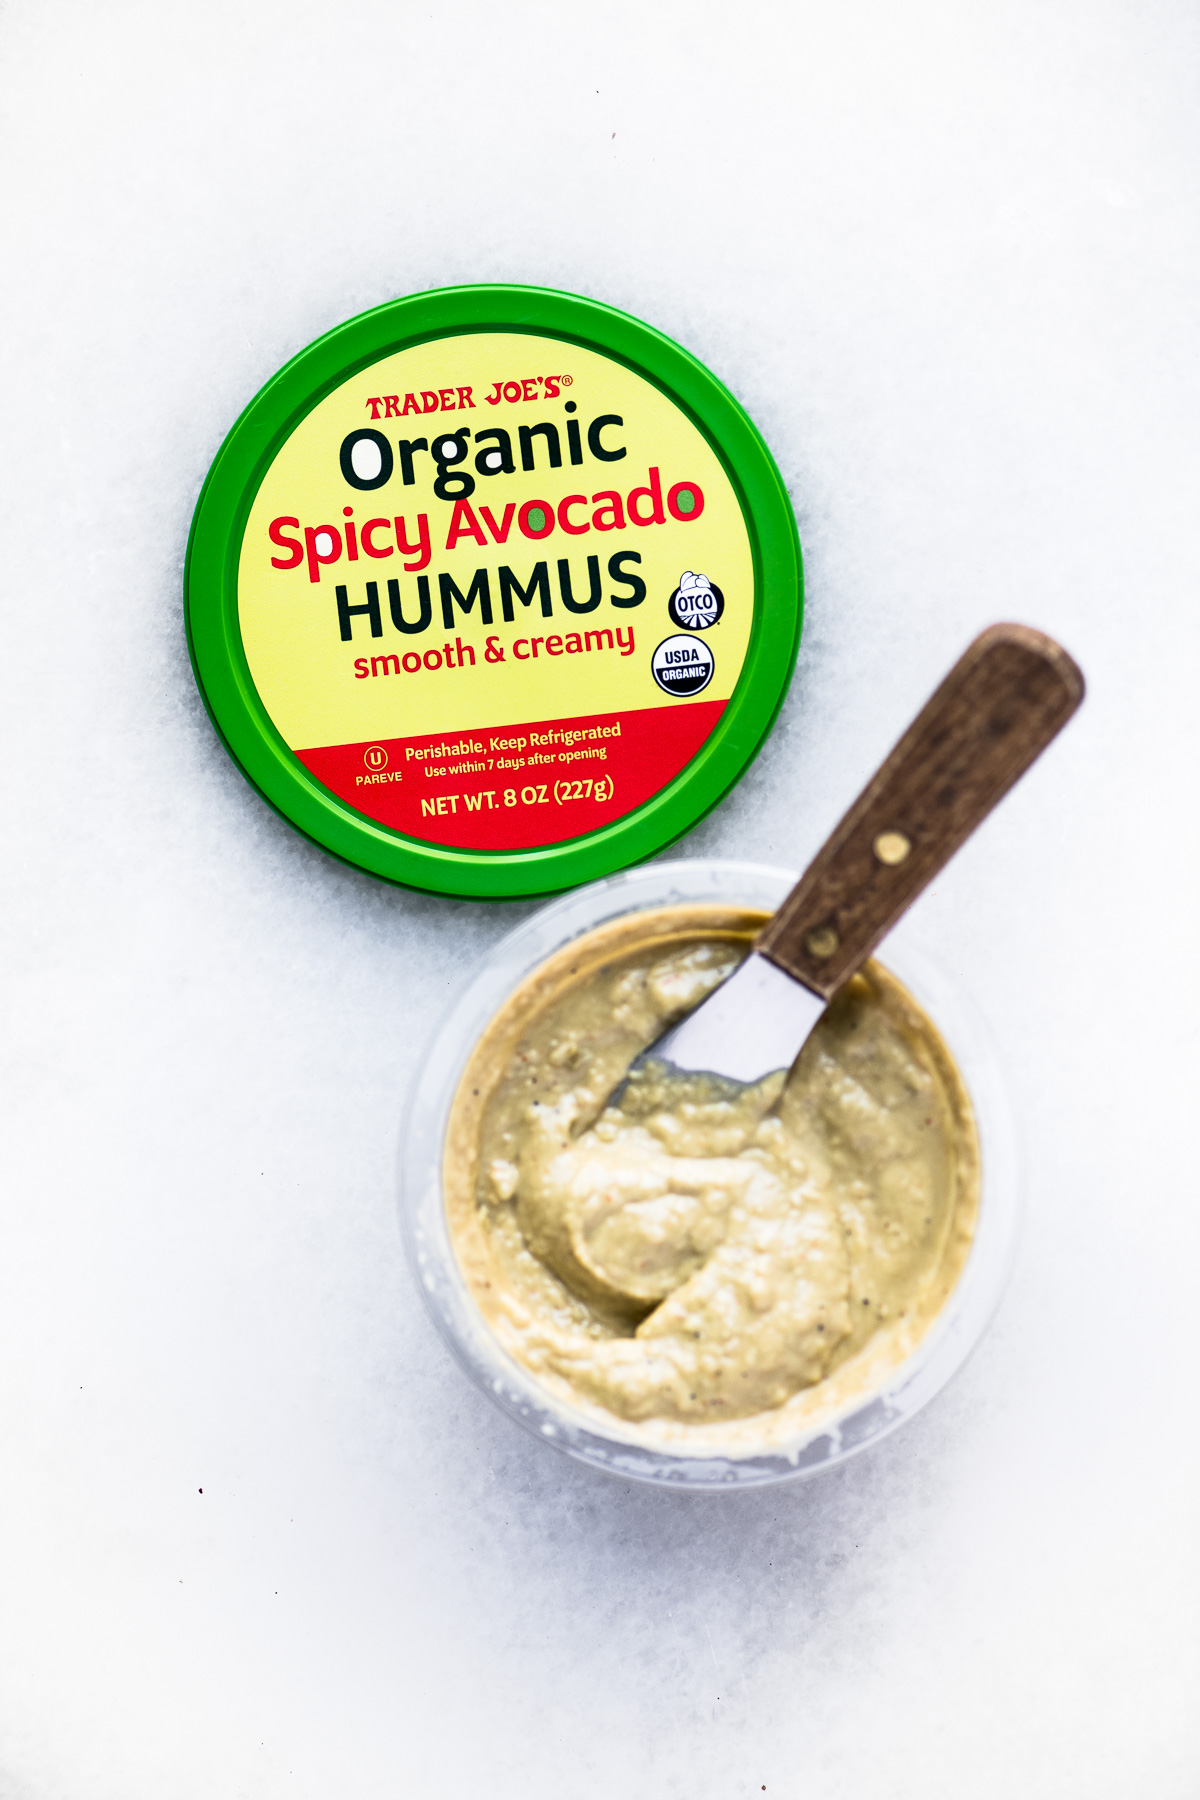 Trader Joe's Spicy Avocado Hummus